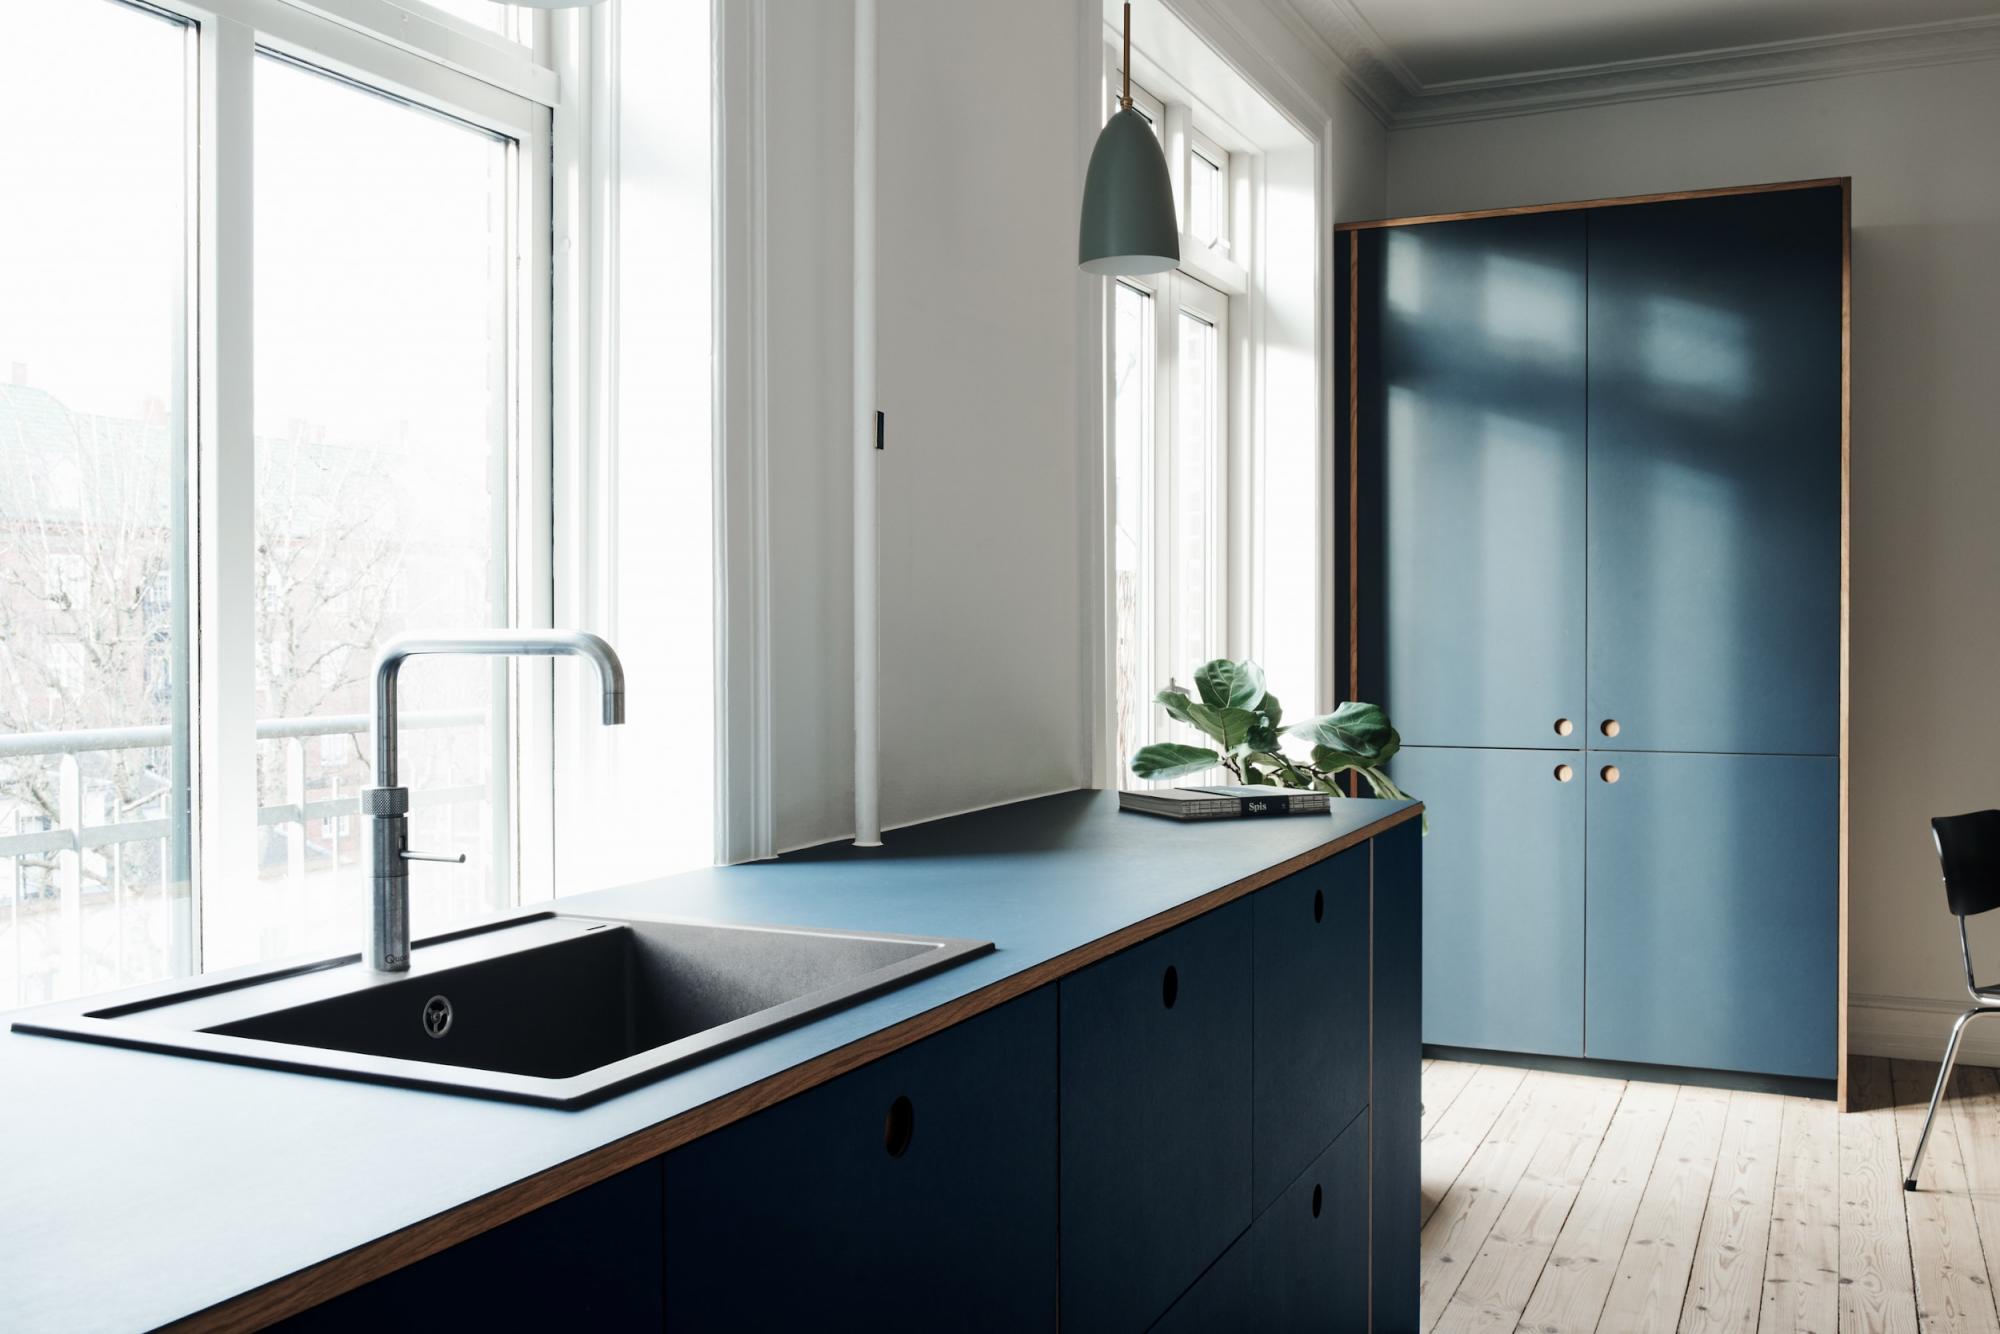 Pezzi Di Design Da Avere uno studio d'architettura spiega come trasformare i mobili